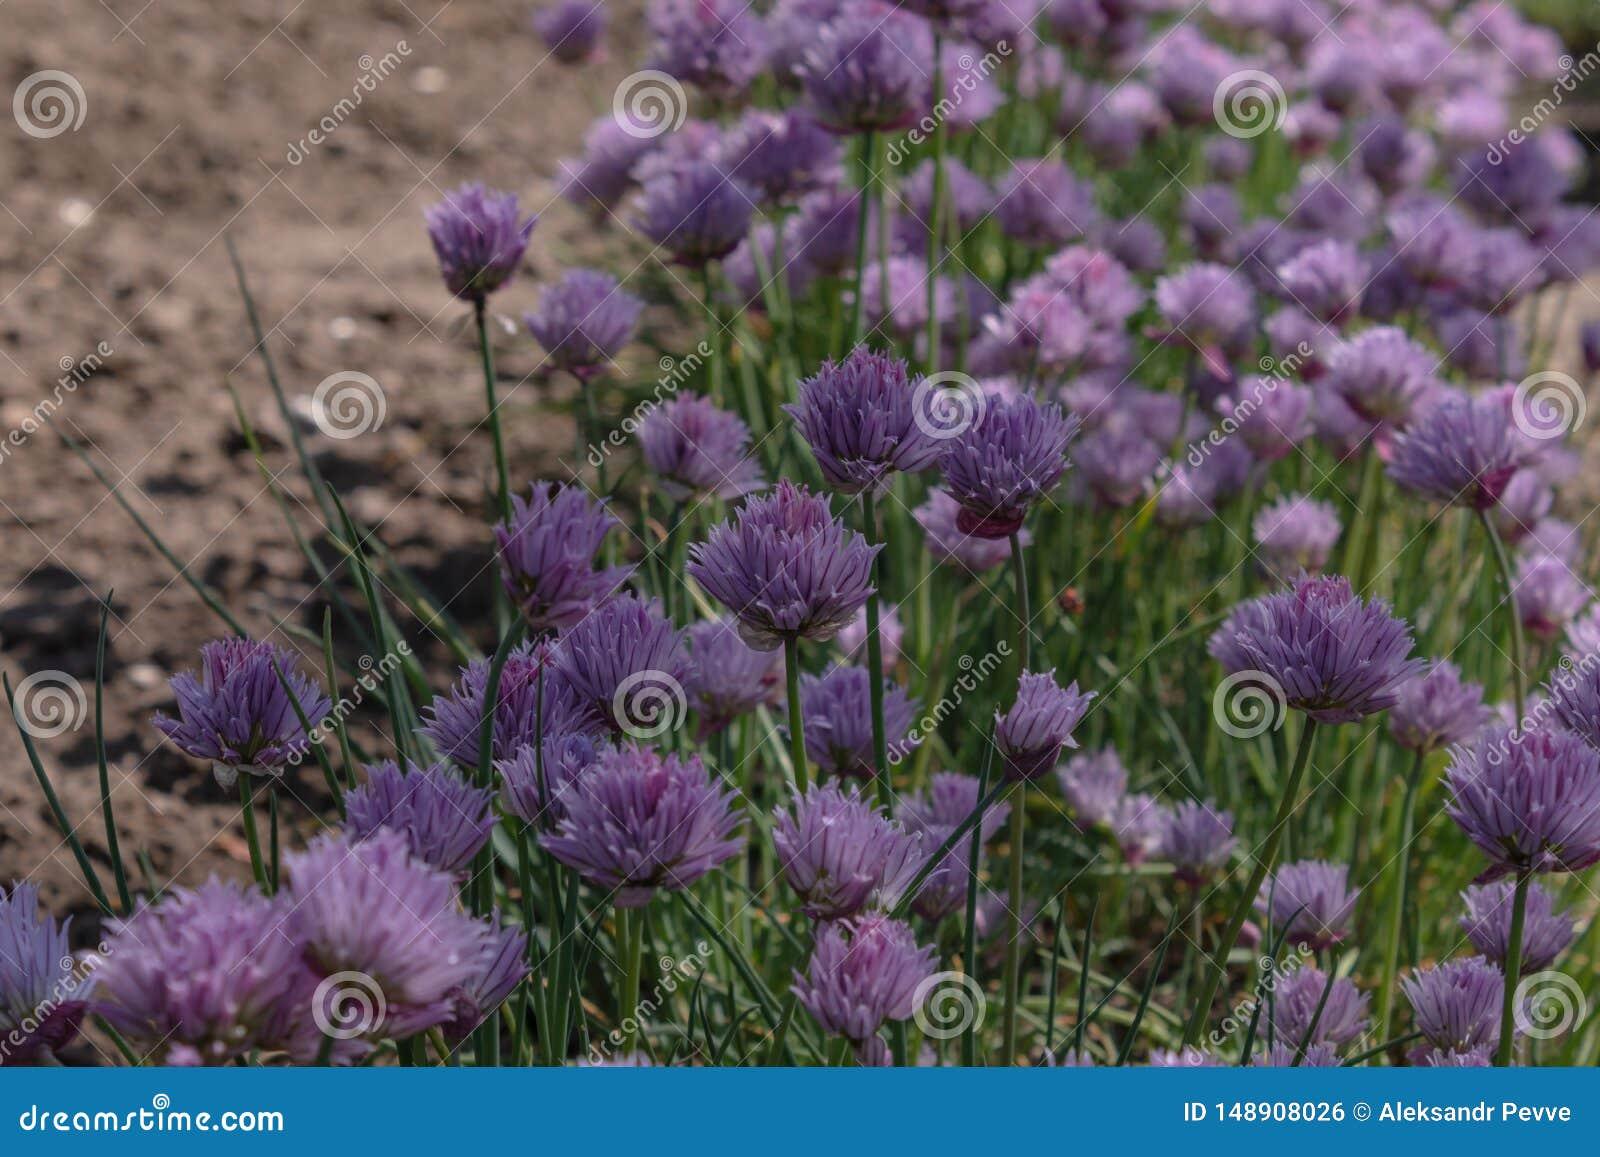 Frodiga blommande blommagr?sl?kar v?xer i ?verfl?d i en skuggad tr?dg?rd